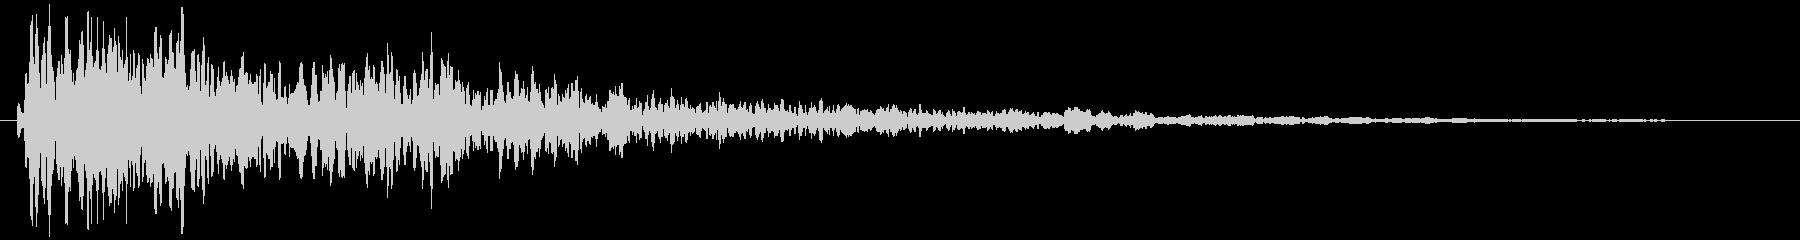 こんっ!!金属音(映画・サウンドロゴ)の未再生の波形